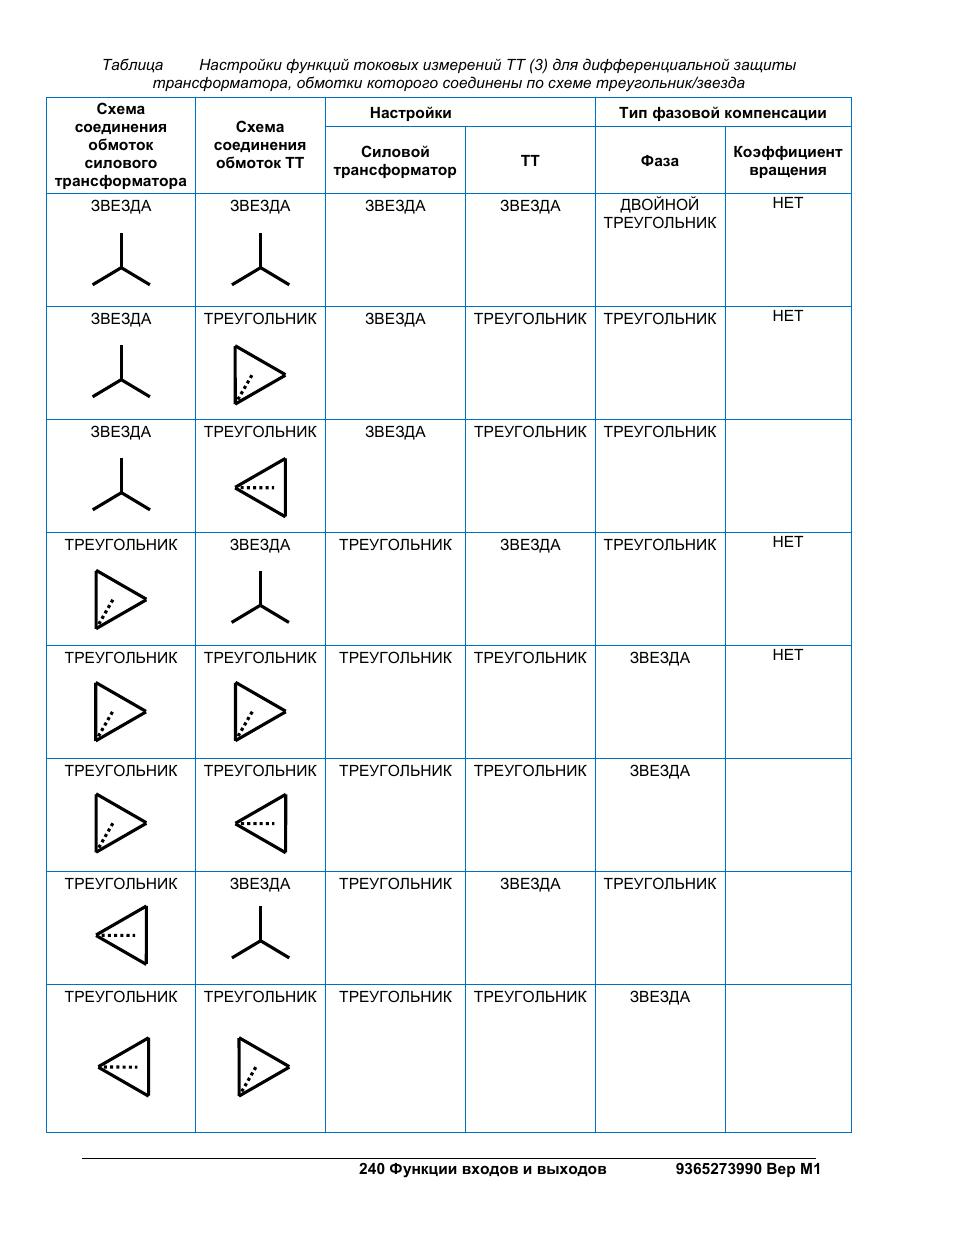 Соединение по схеме треугольник-треугольник